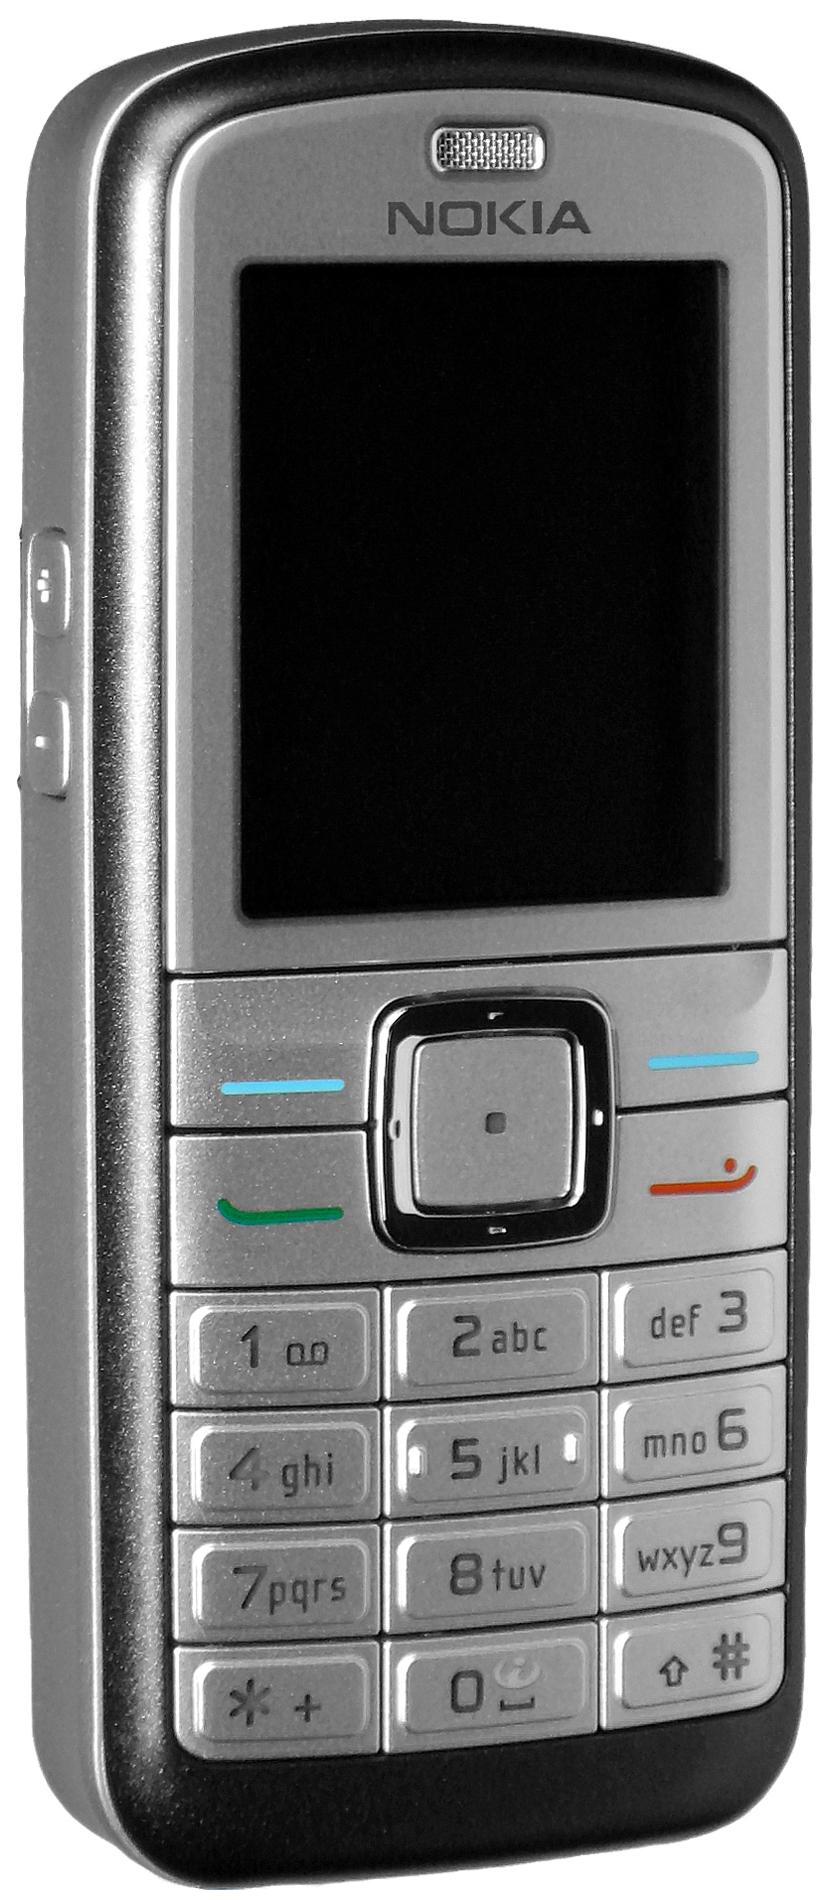 Nokia 6070   Wikipedia